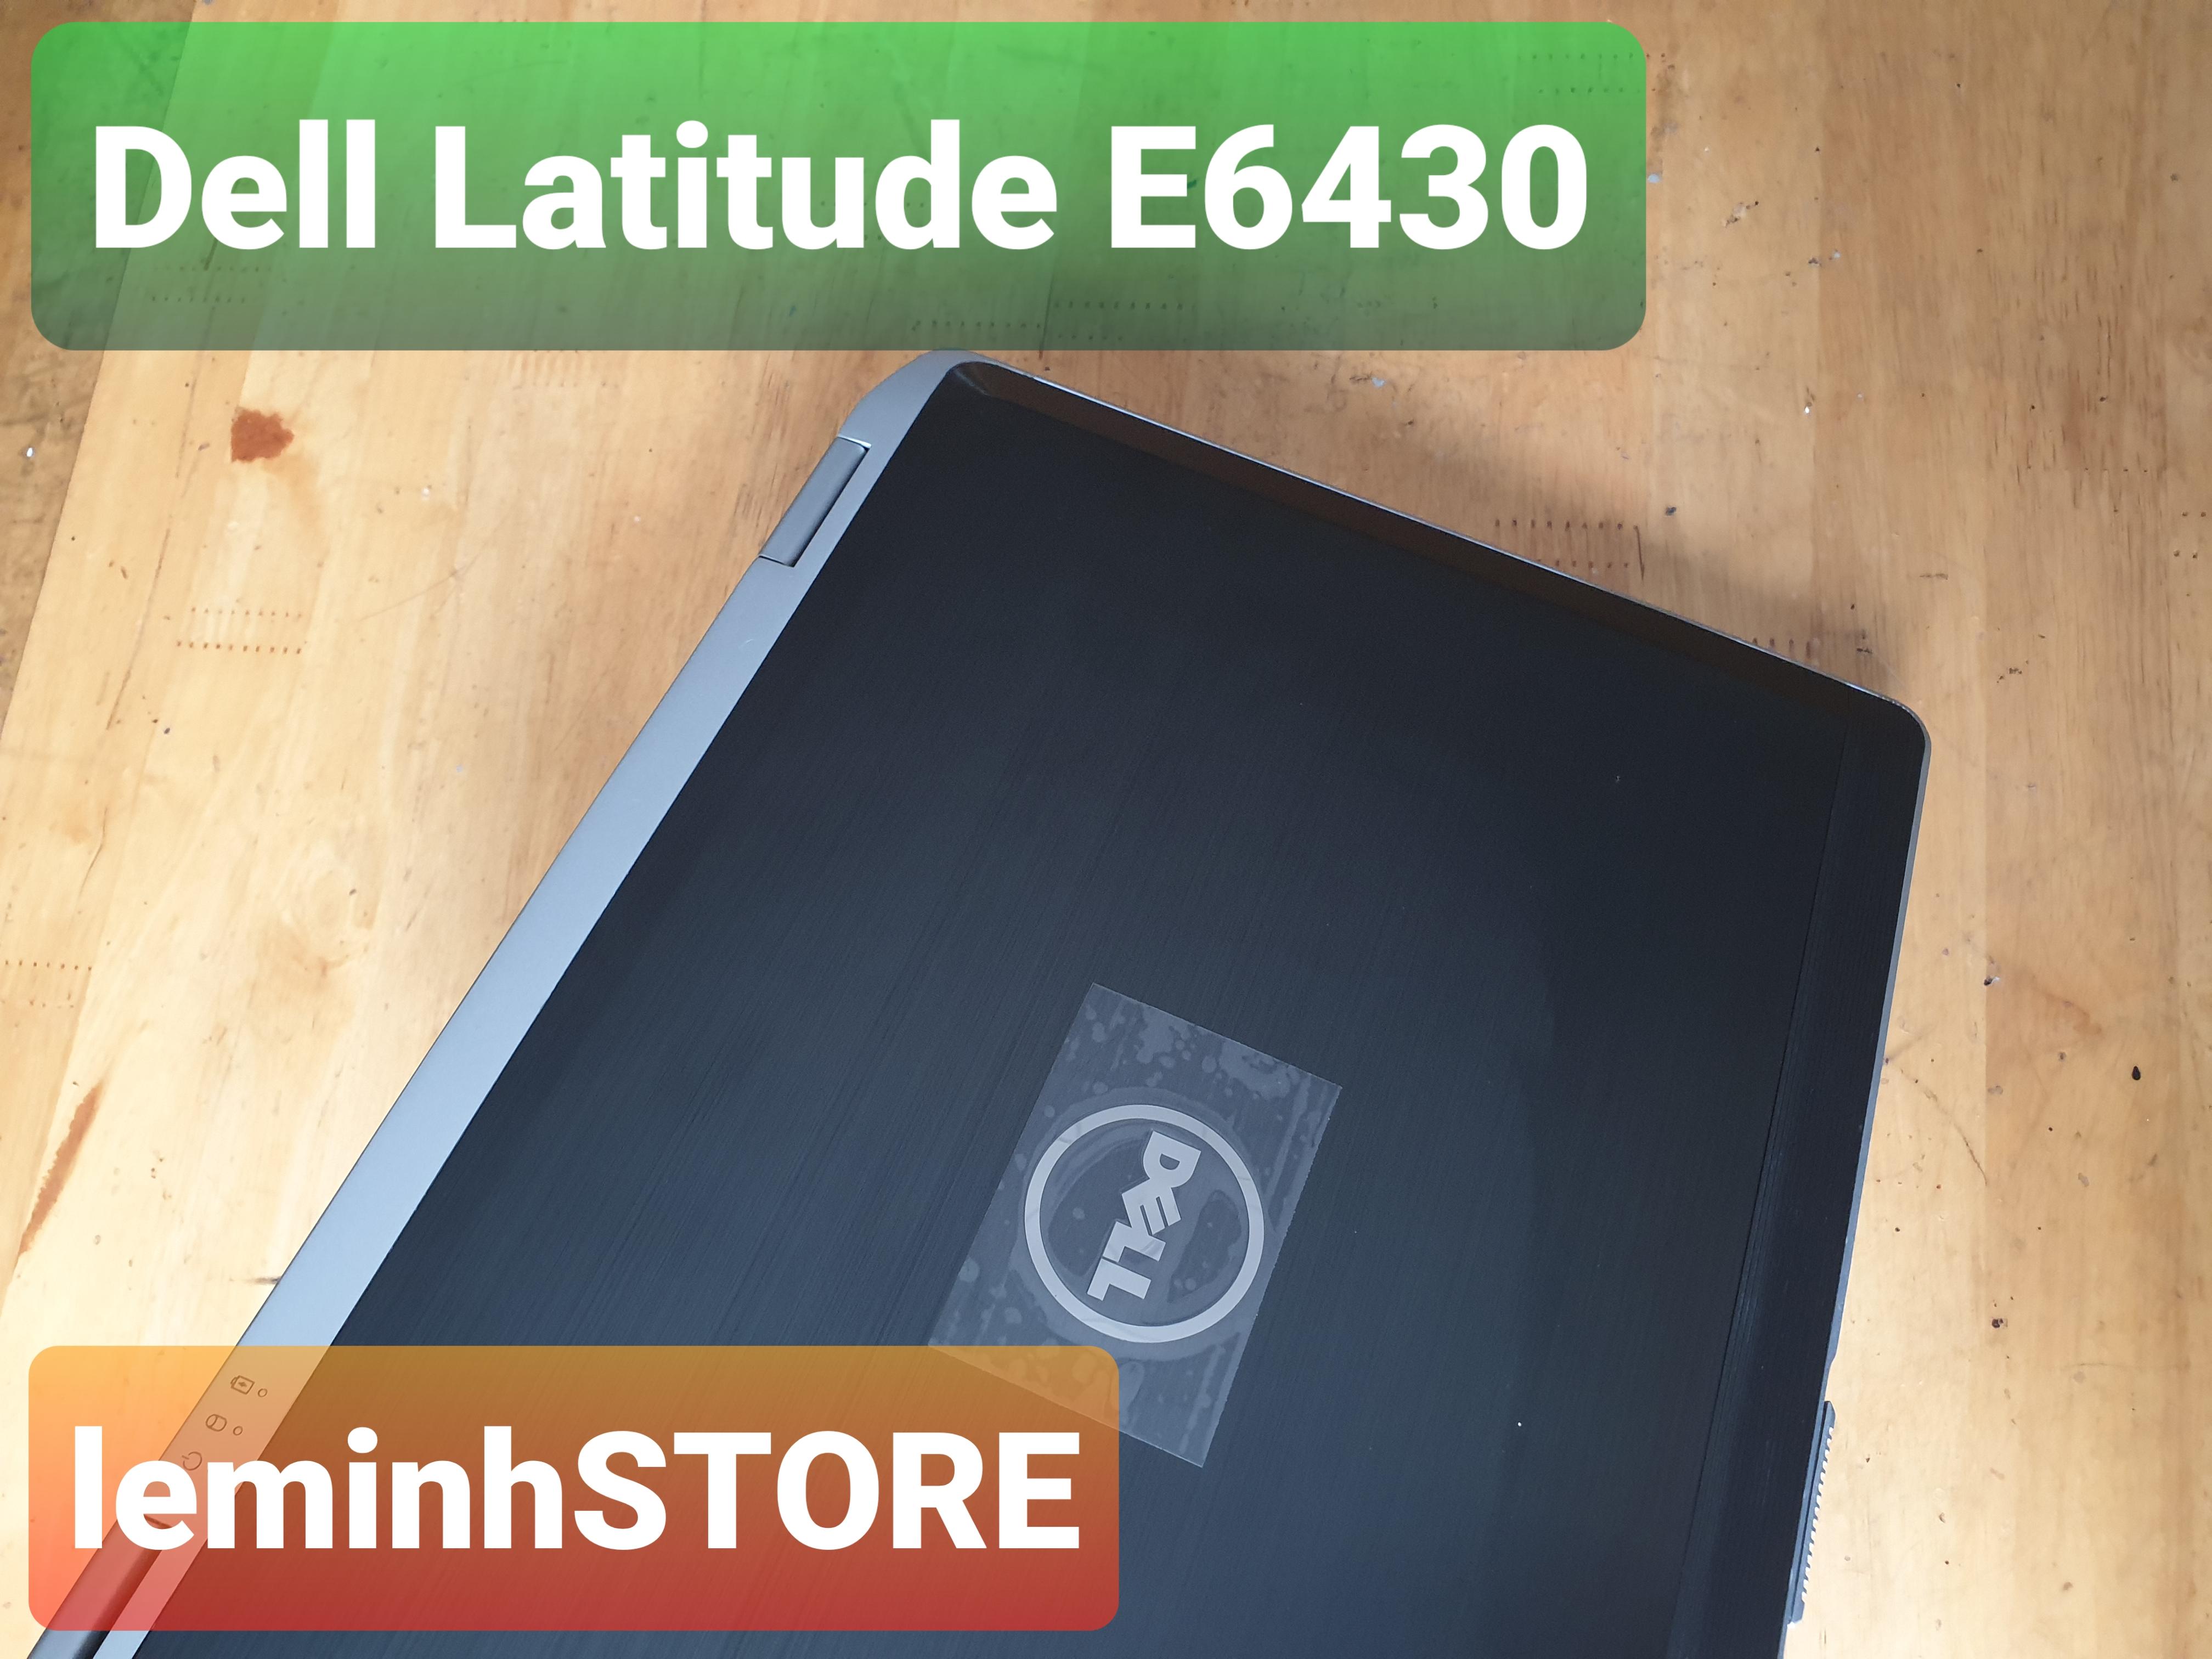 4 Dell Latitude E6430 - i5 th3, RAM 4GB, màn hình 14  - siêu chất - leminhSTORE